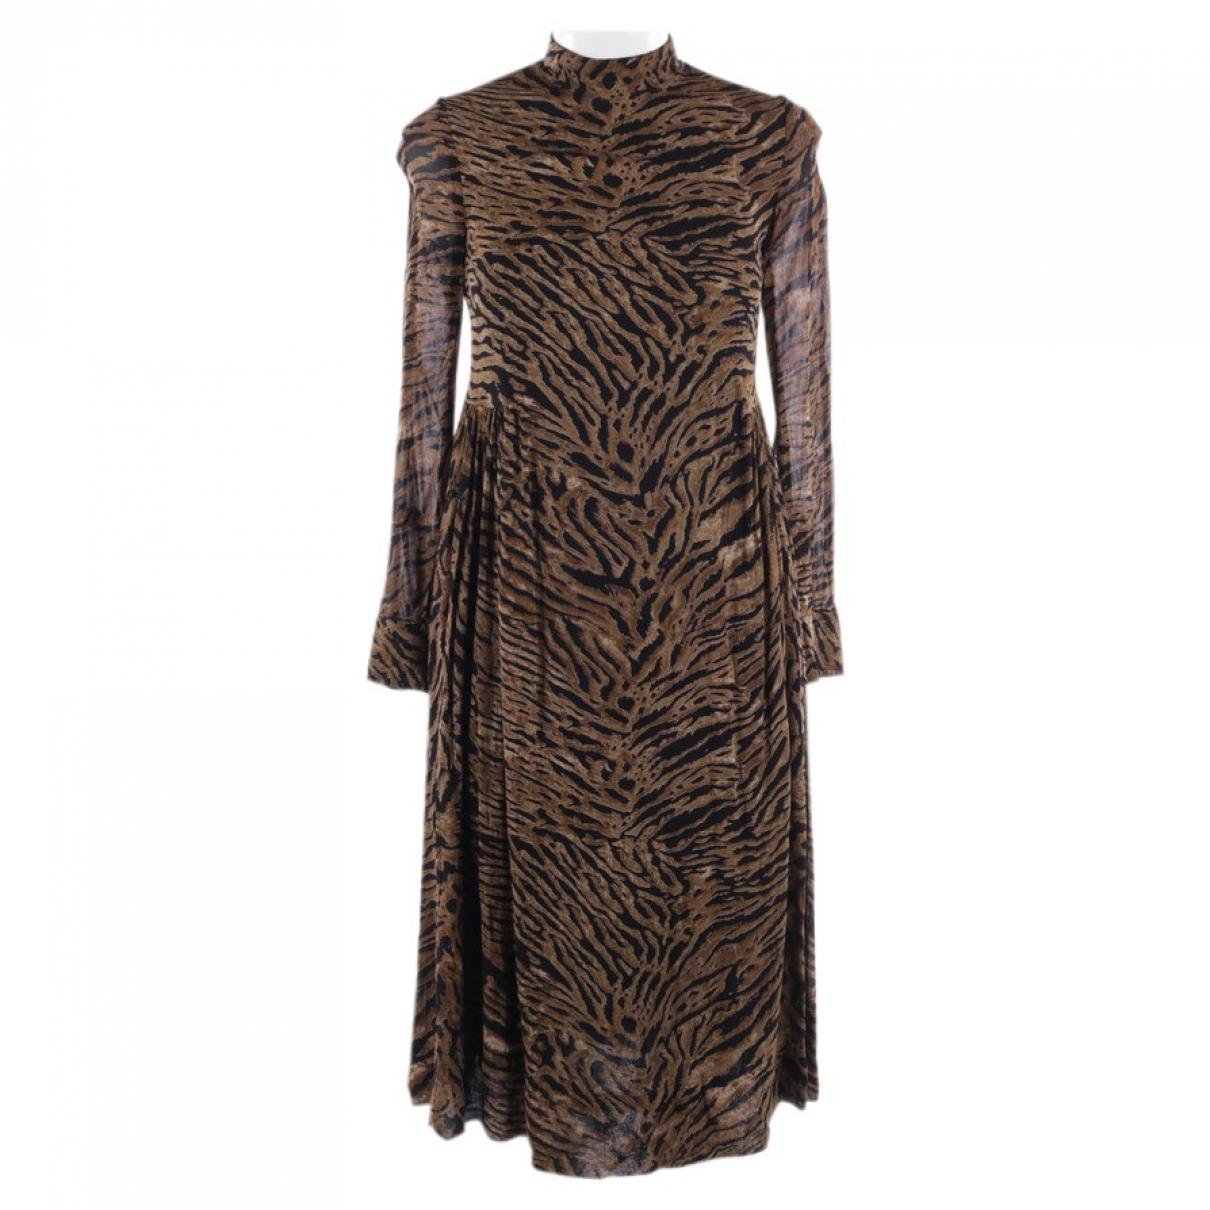 Ganni \N Kleid in  Beige Viskose